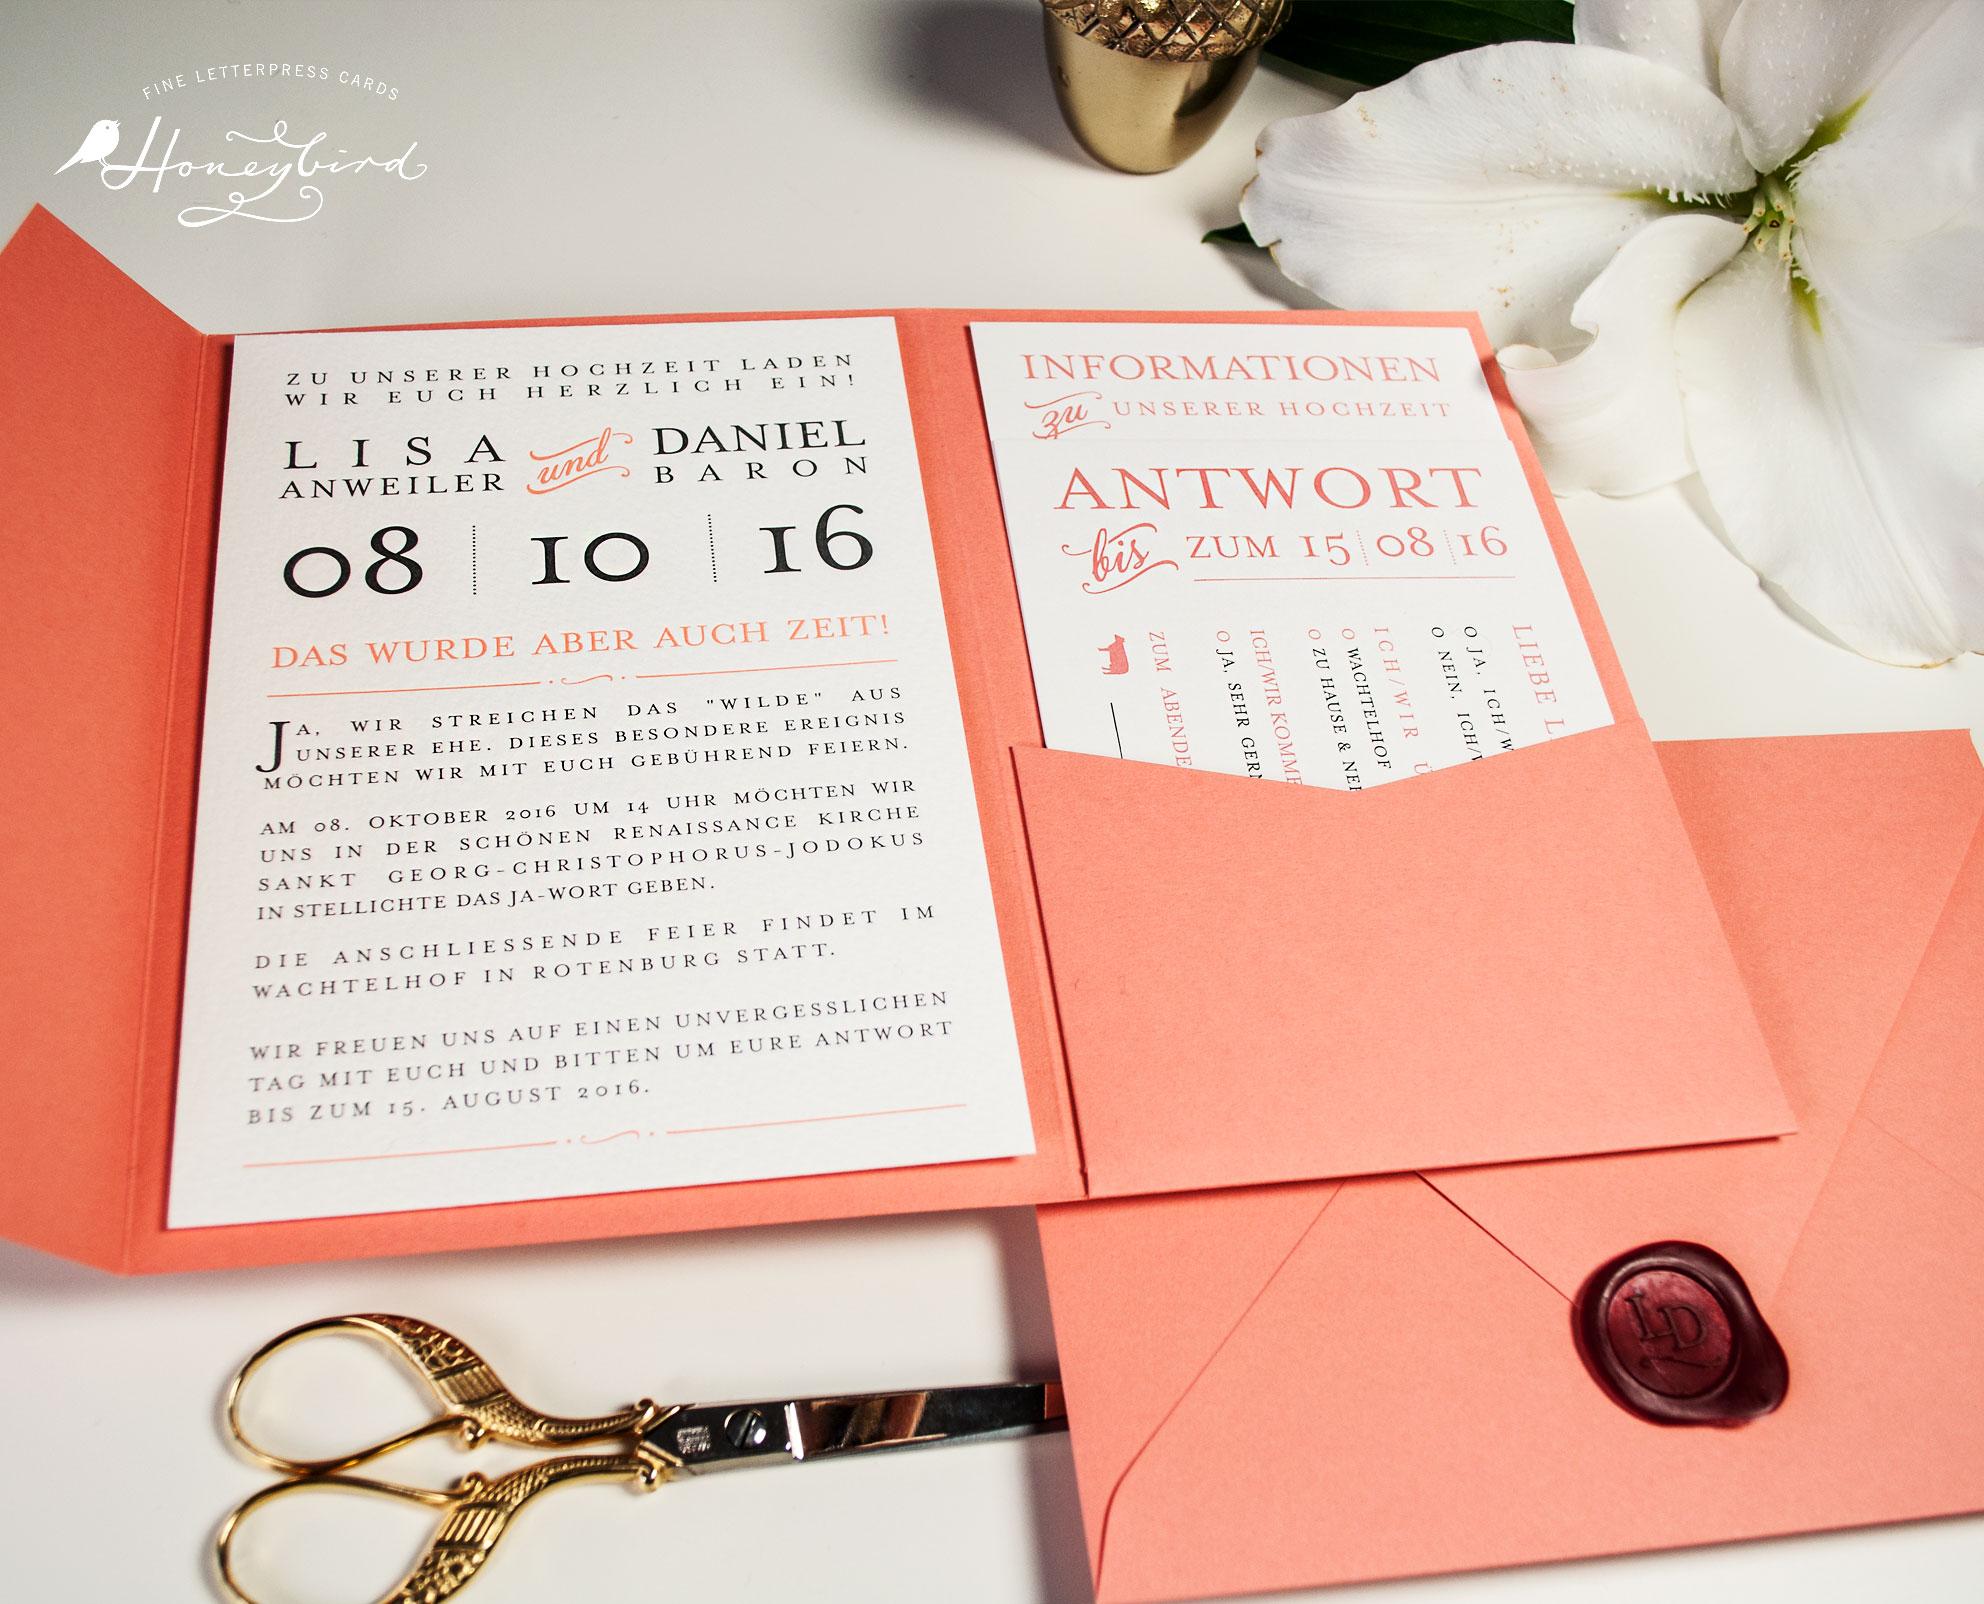 Hochzeitseinladung Providence im Pocketfold in Koralle und Graphit mit Siegel, Informationskarte und Antworkarte